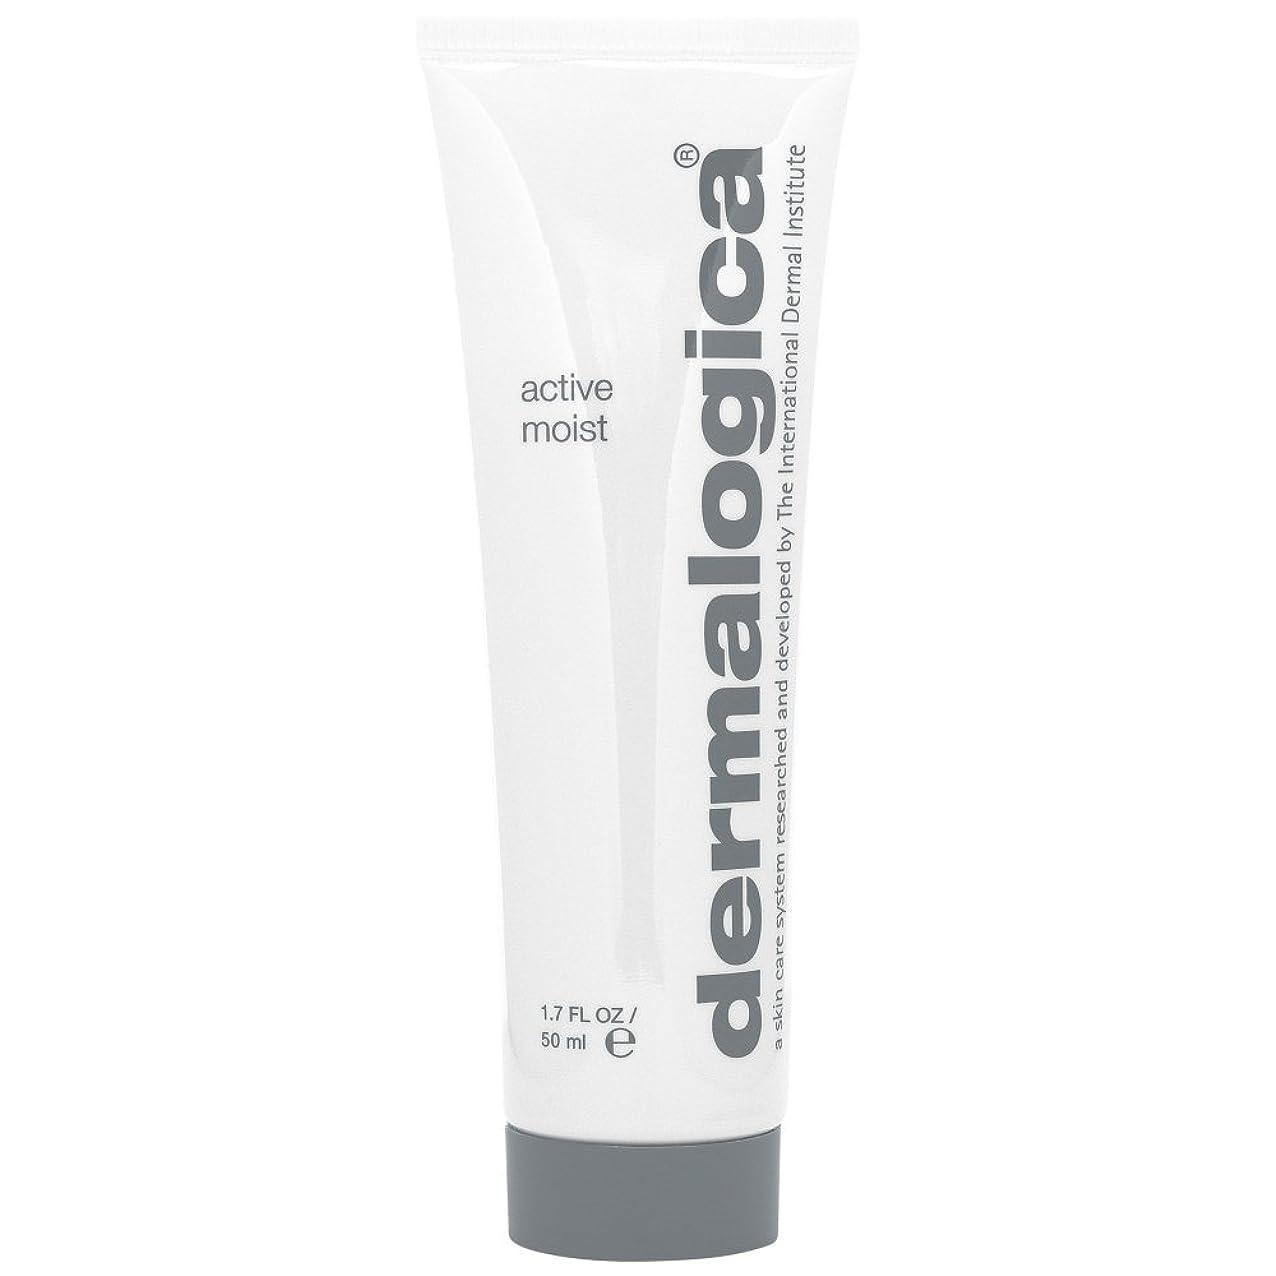 散逸広告馬力ダーマロジカアクティブ湿った顔の保湿剤の50ミリリットル (Dermalogica) (x6) - Dermalogica Active Moist Facial Moisturiser 50ml (Pack of 6) [並行輸入品]